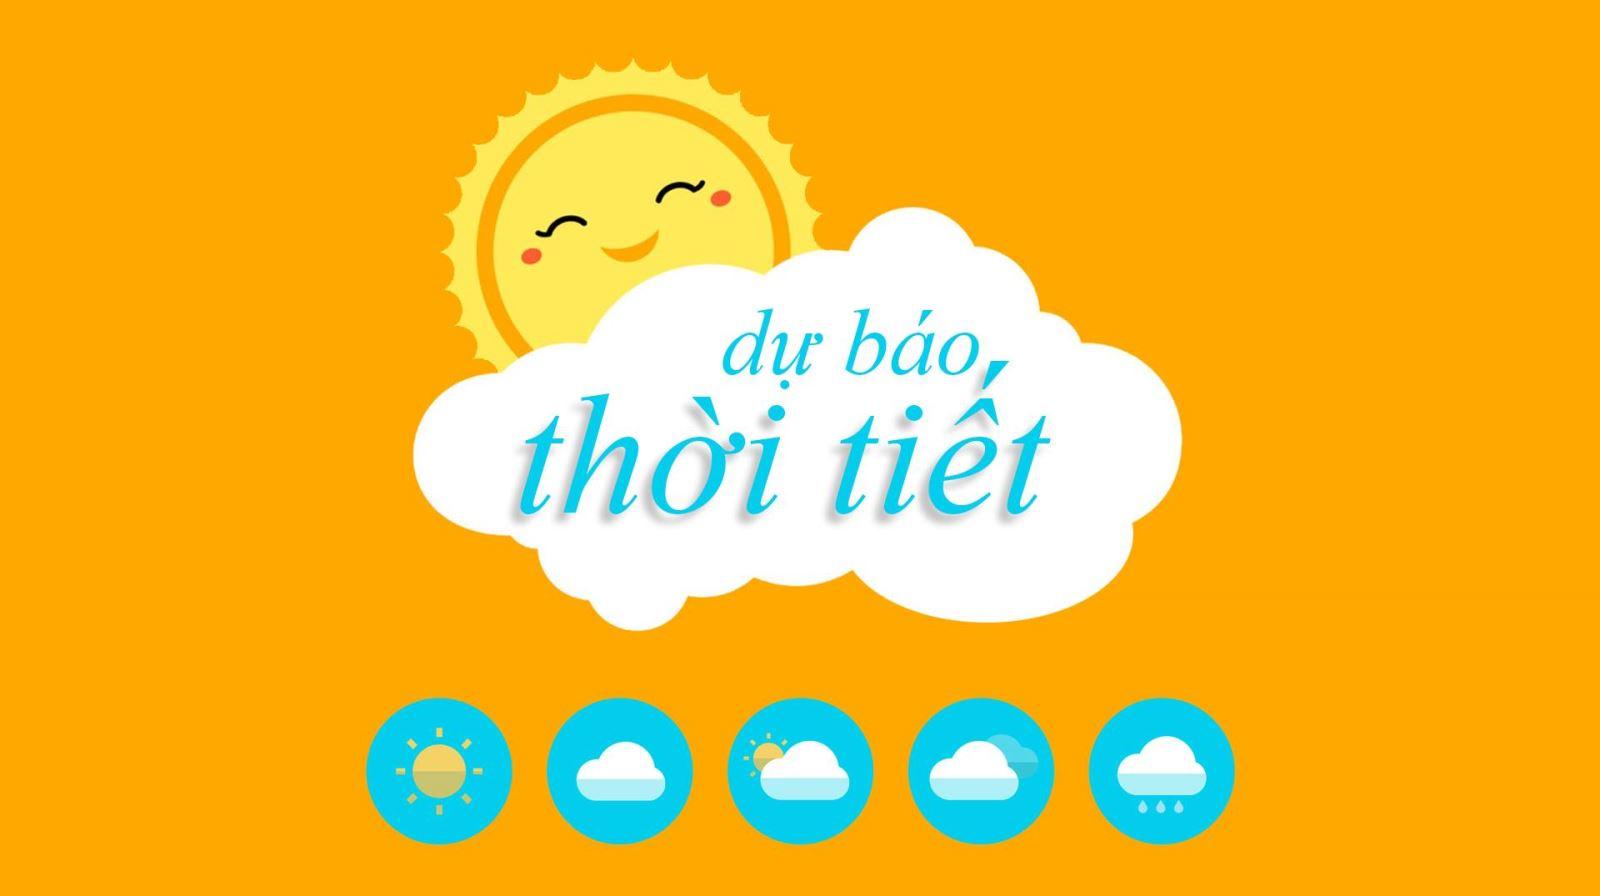 Thời tiết: Dự báo thời tiết hôm nay ngày 19 tháng 4. Hà Nội, TPHCM ngày nắng nóng